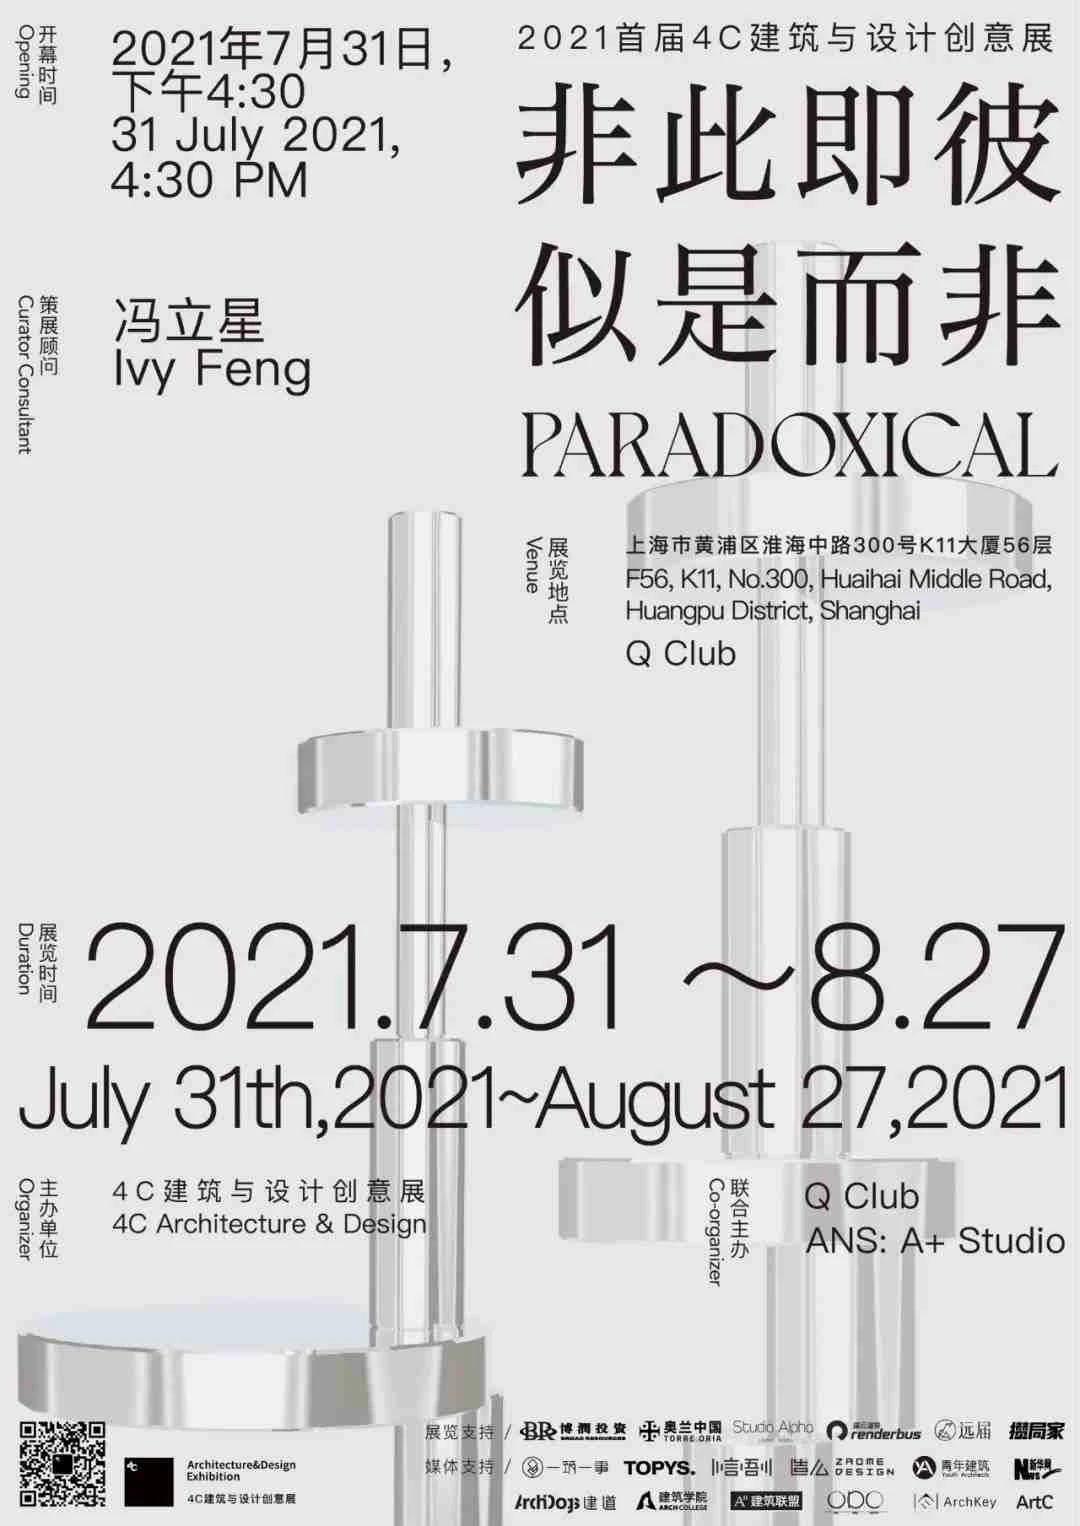 瑞云邀您共赏上海4C建筑与设计创意展:品鉴艺术,预见未来